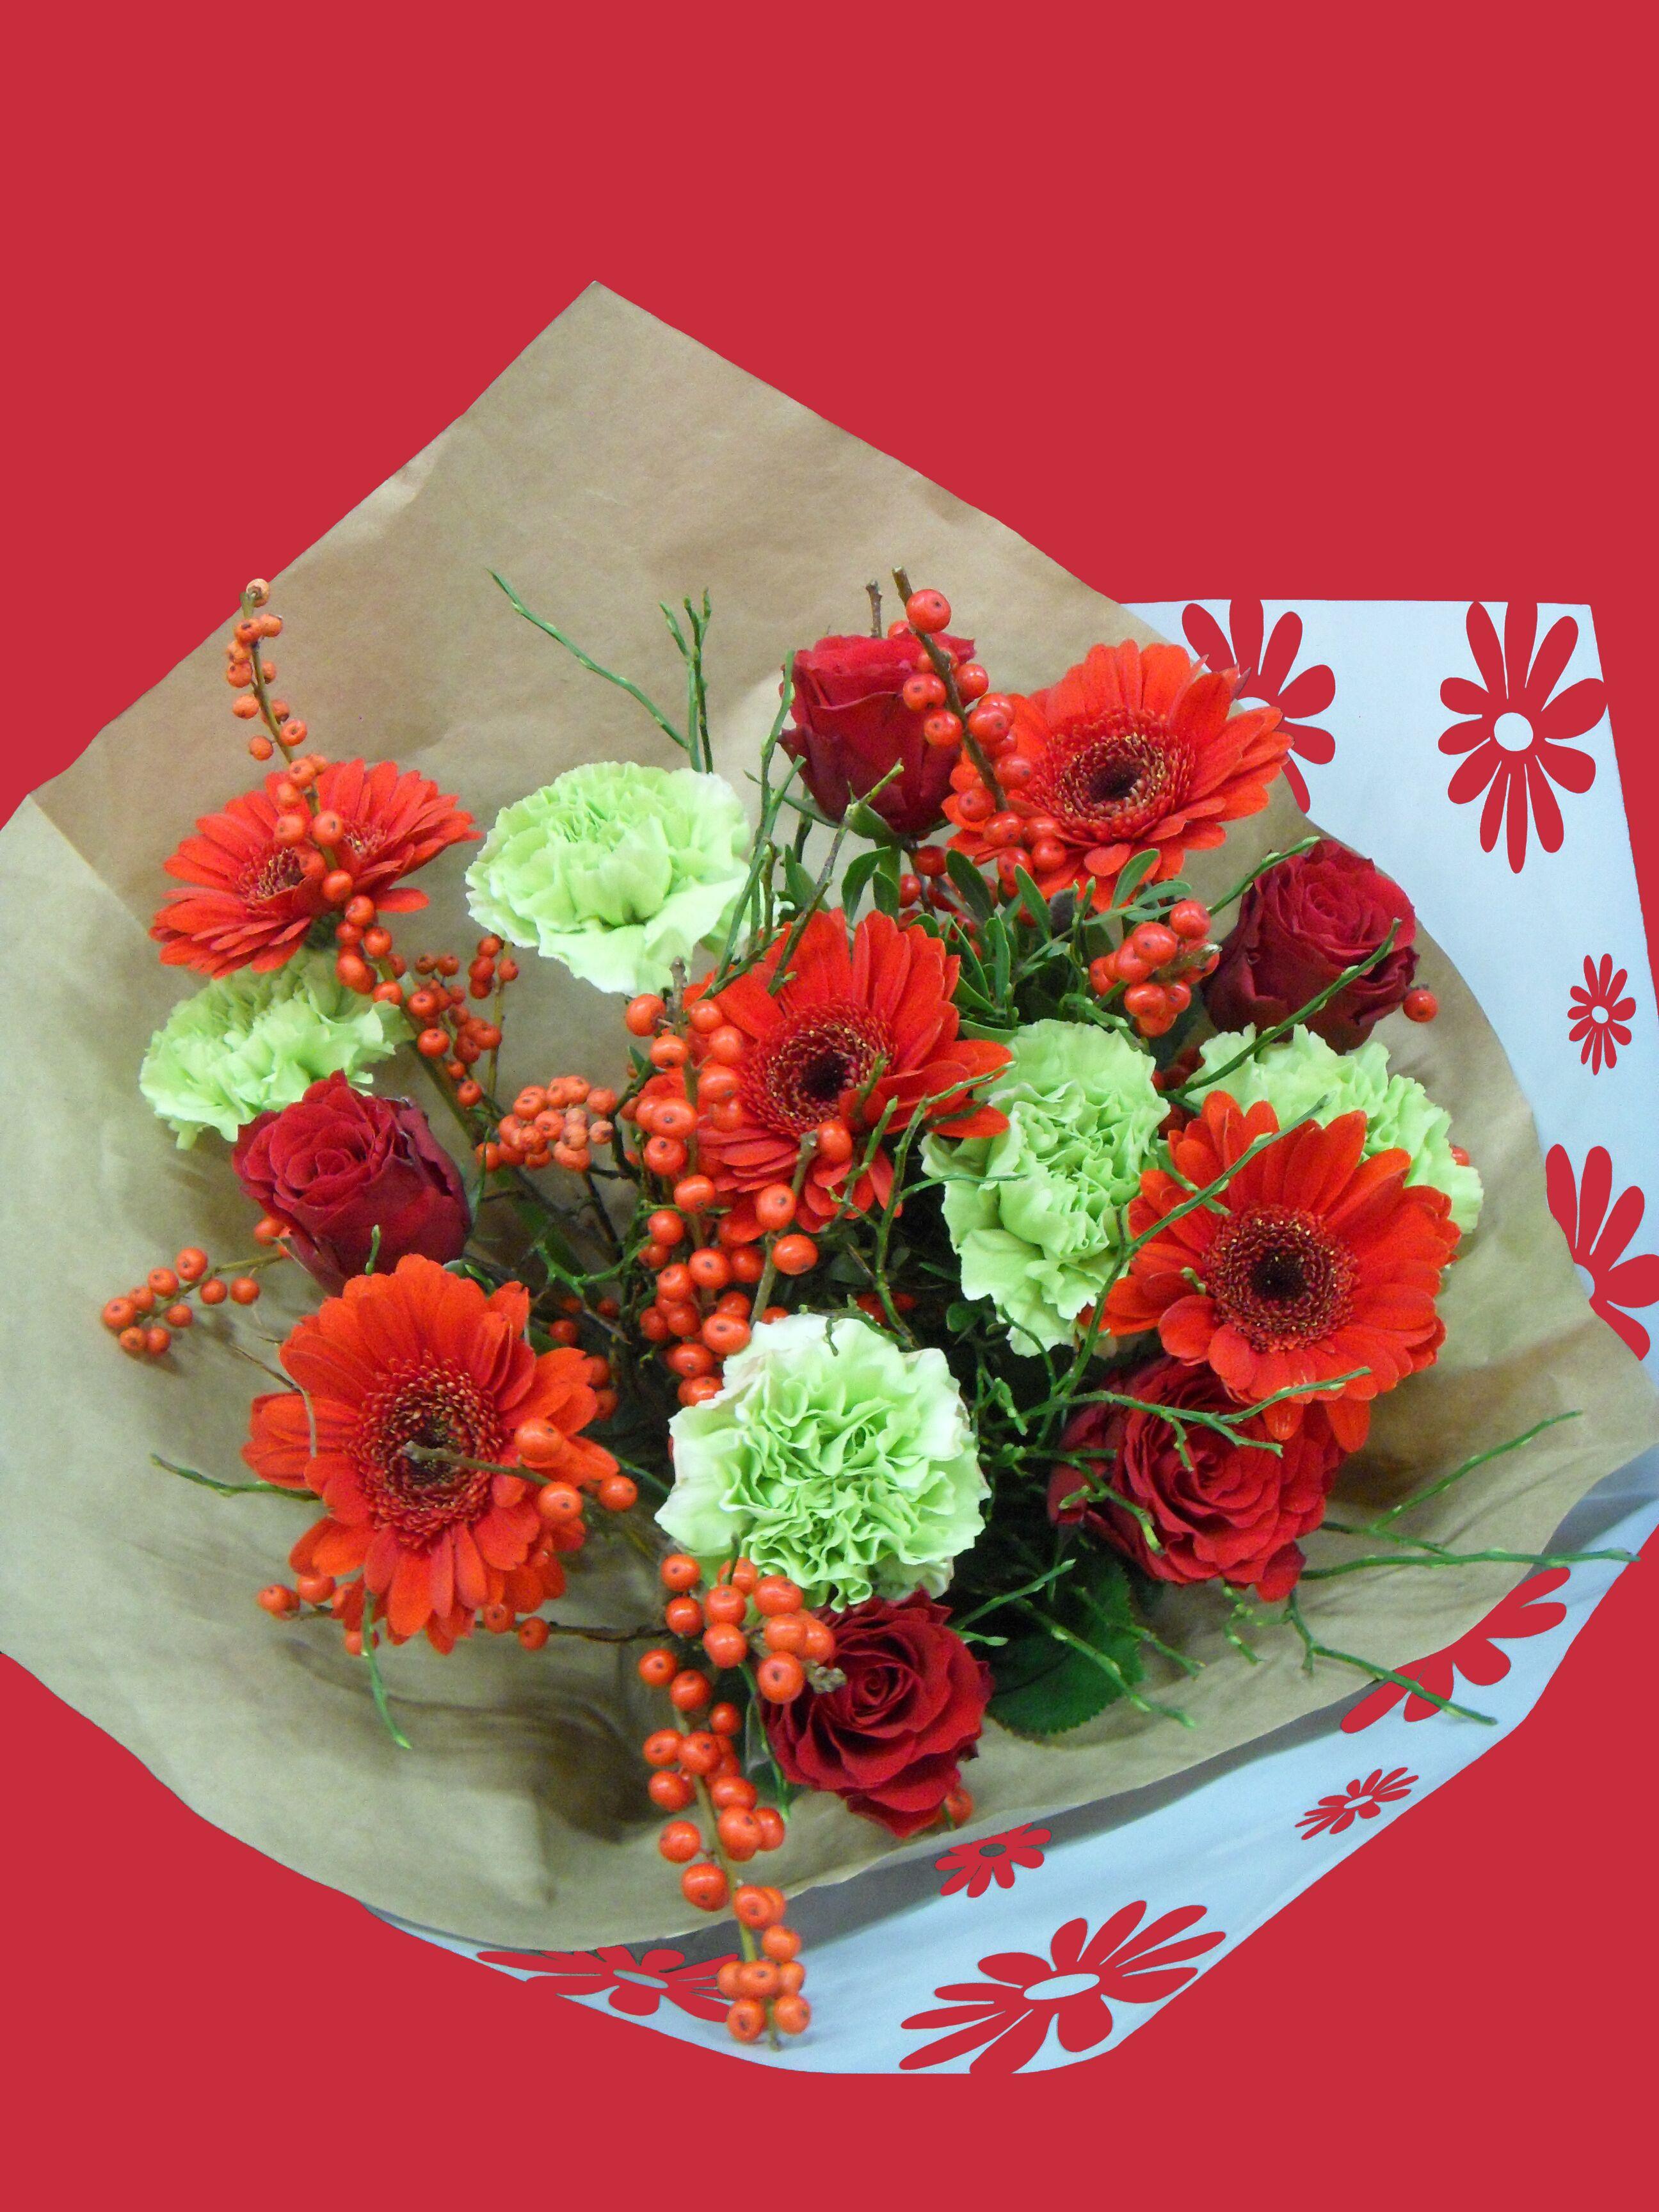 花卉包装_上海卉圆包装有限公司参展品类